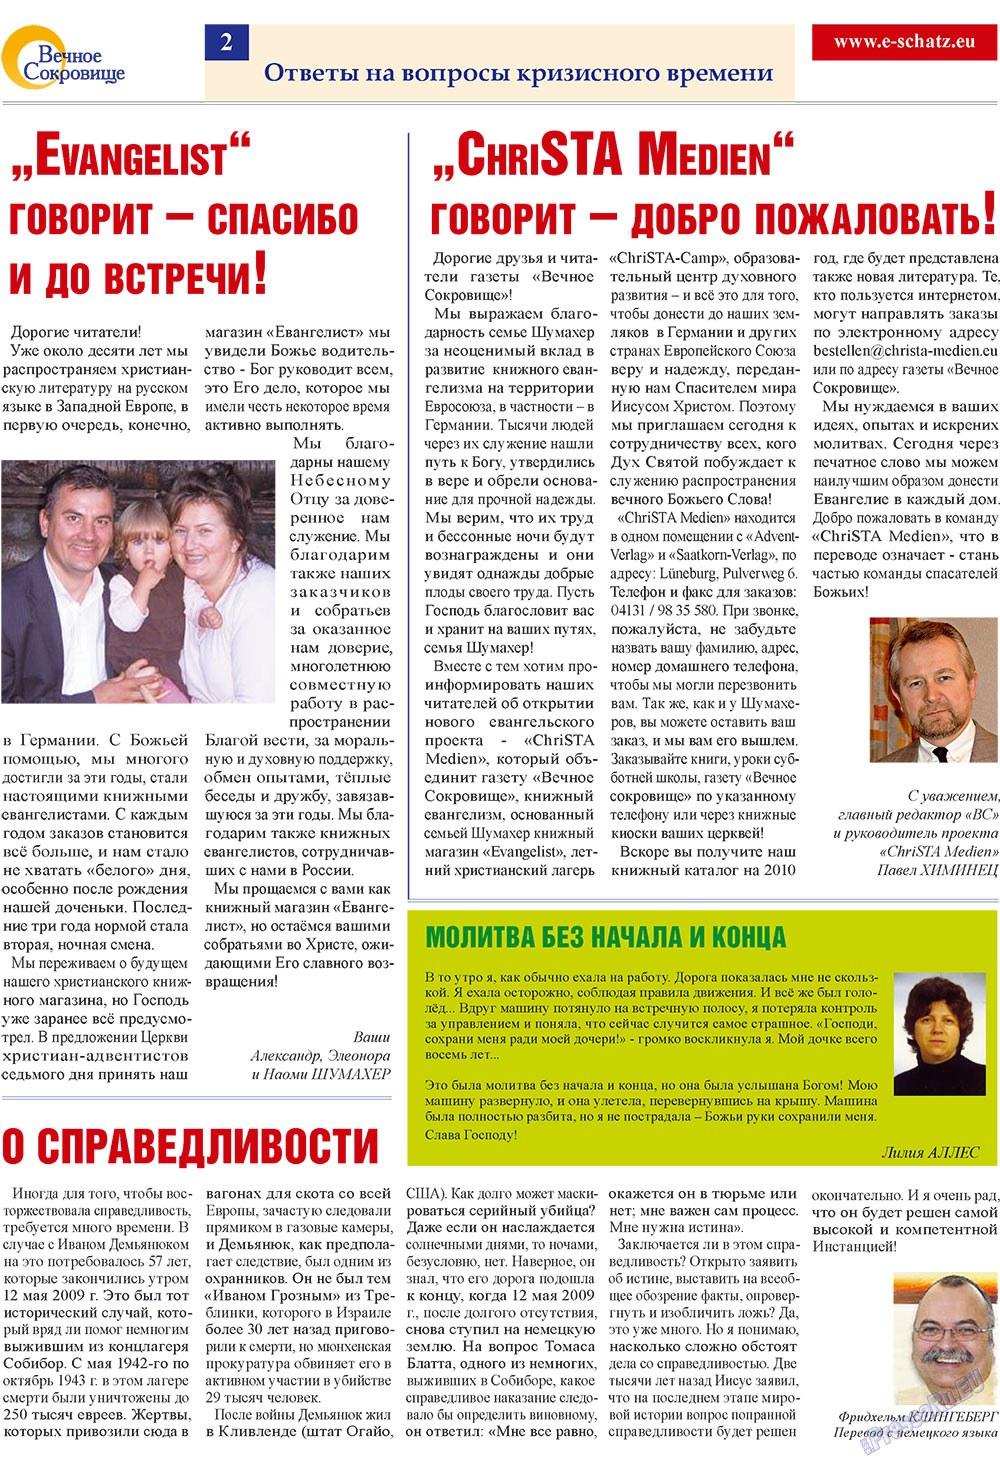 Вечное сокровище (газета). 2009 год, номер 3, стр. 2